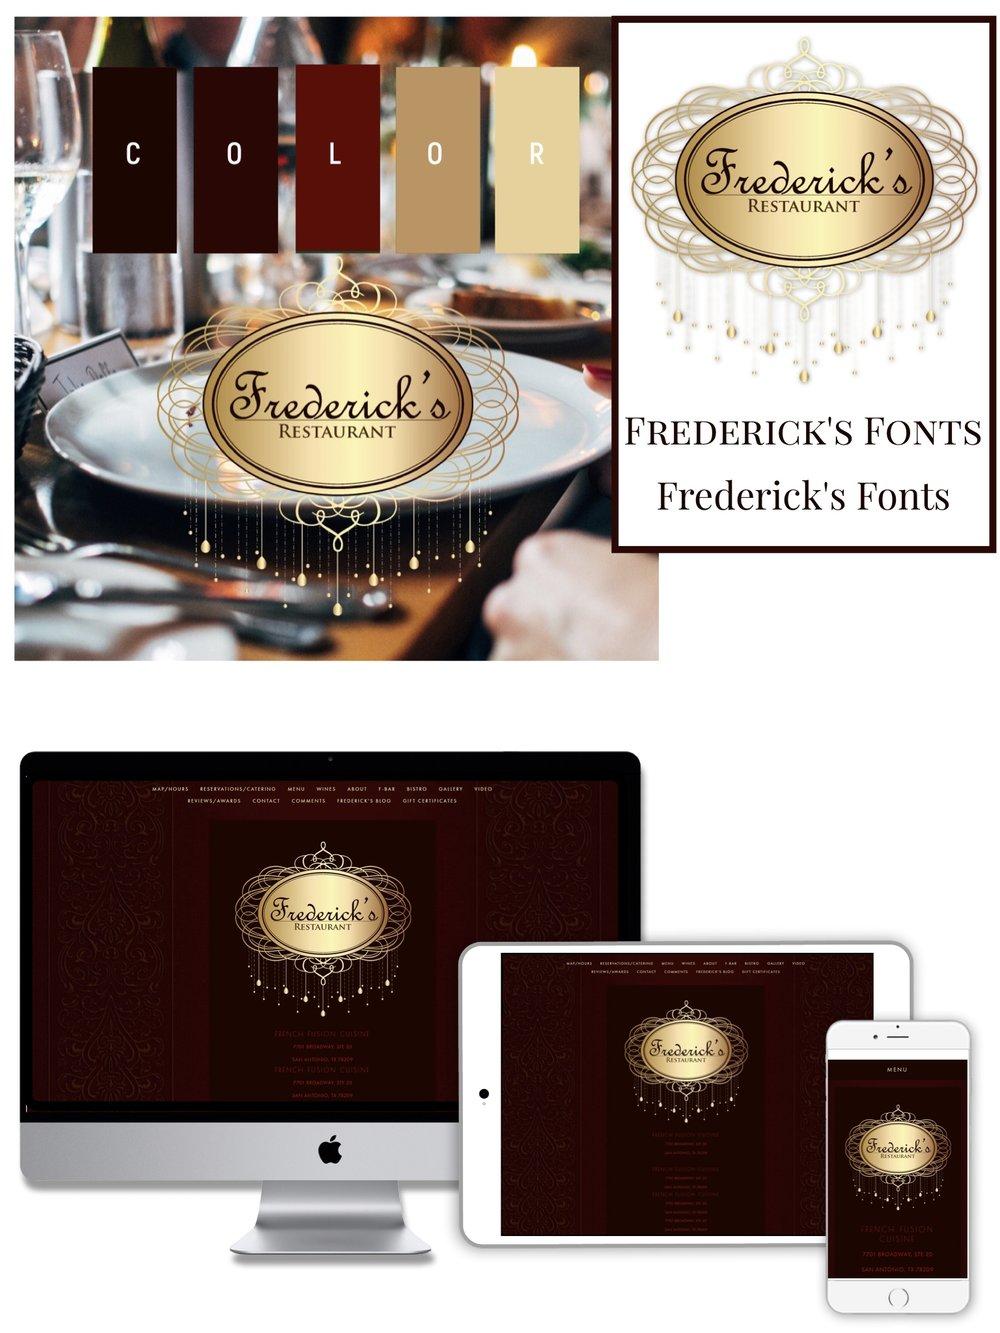 FREDERICKSSA.COM